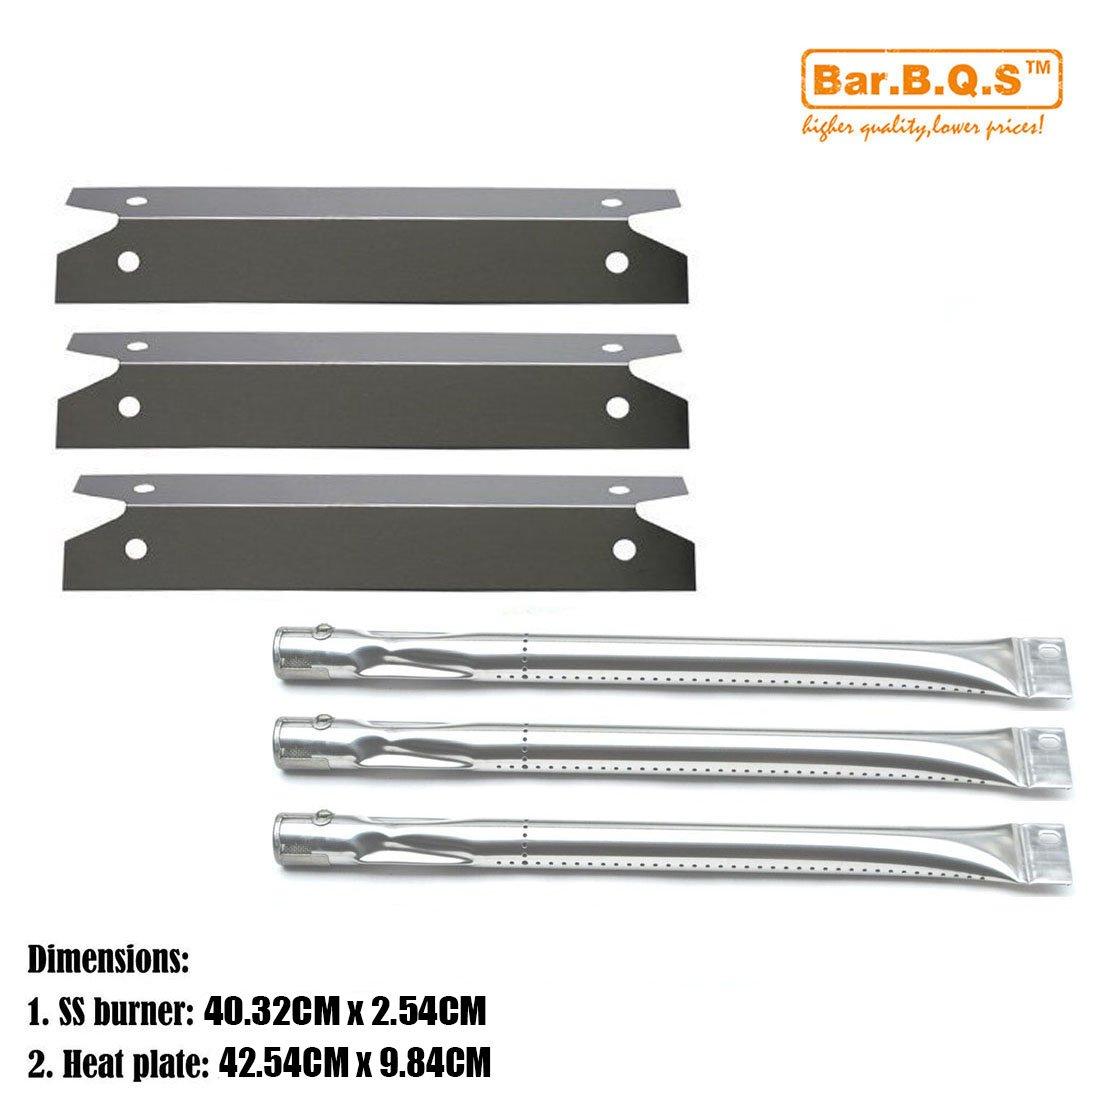 Bar.b.q.s Charmglow Gril à gaz de rechange Kit de pièces de gril à gaz 810-7400-S robuste (brûleur en acier inoxydable, plaque chauffante en acier inoxydable) 3 pièces